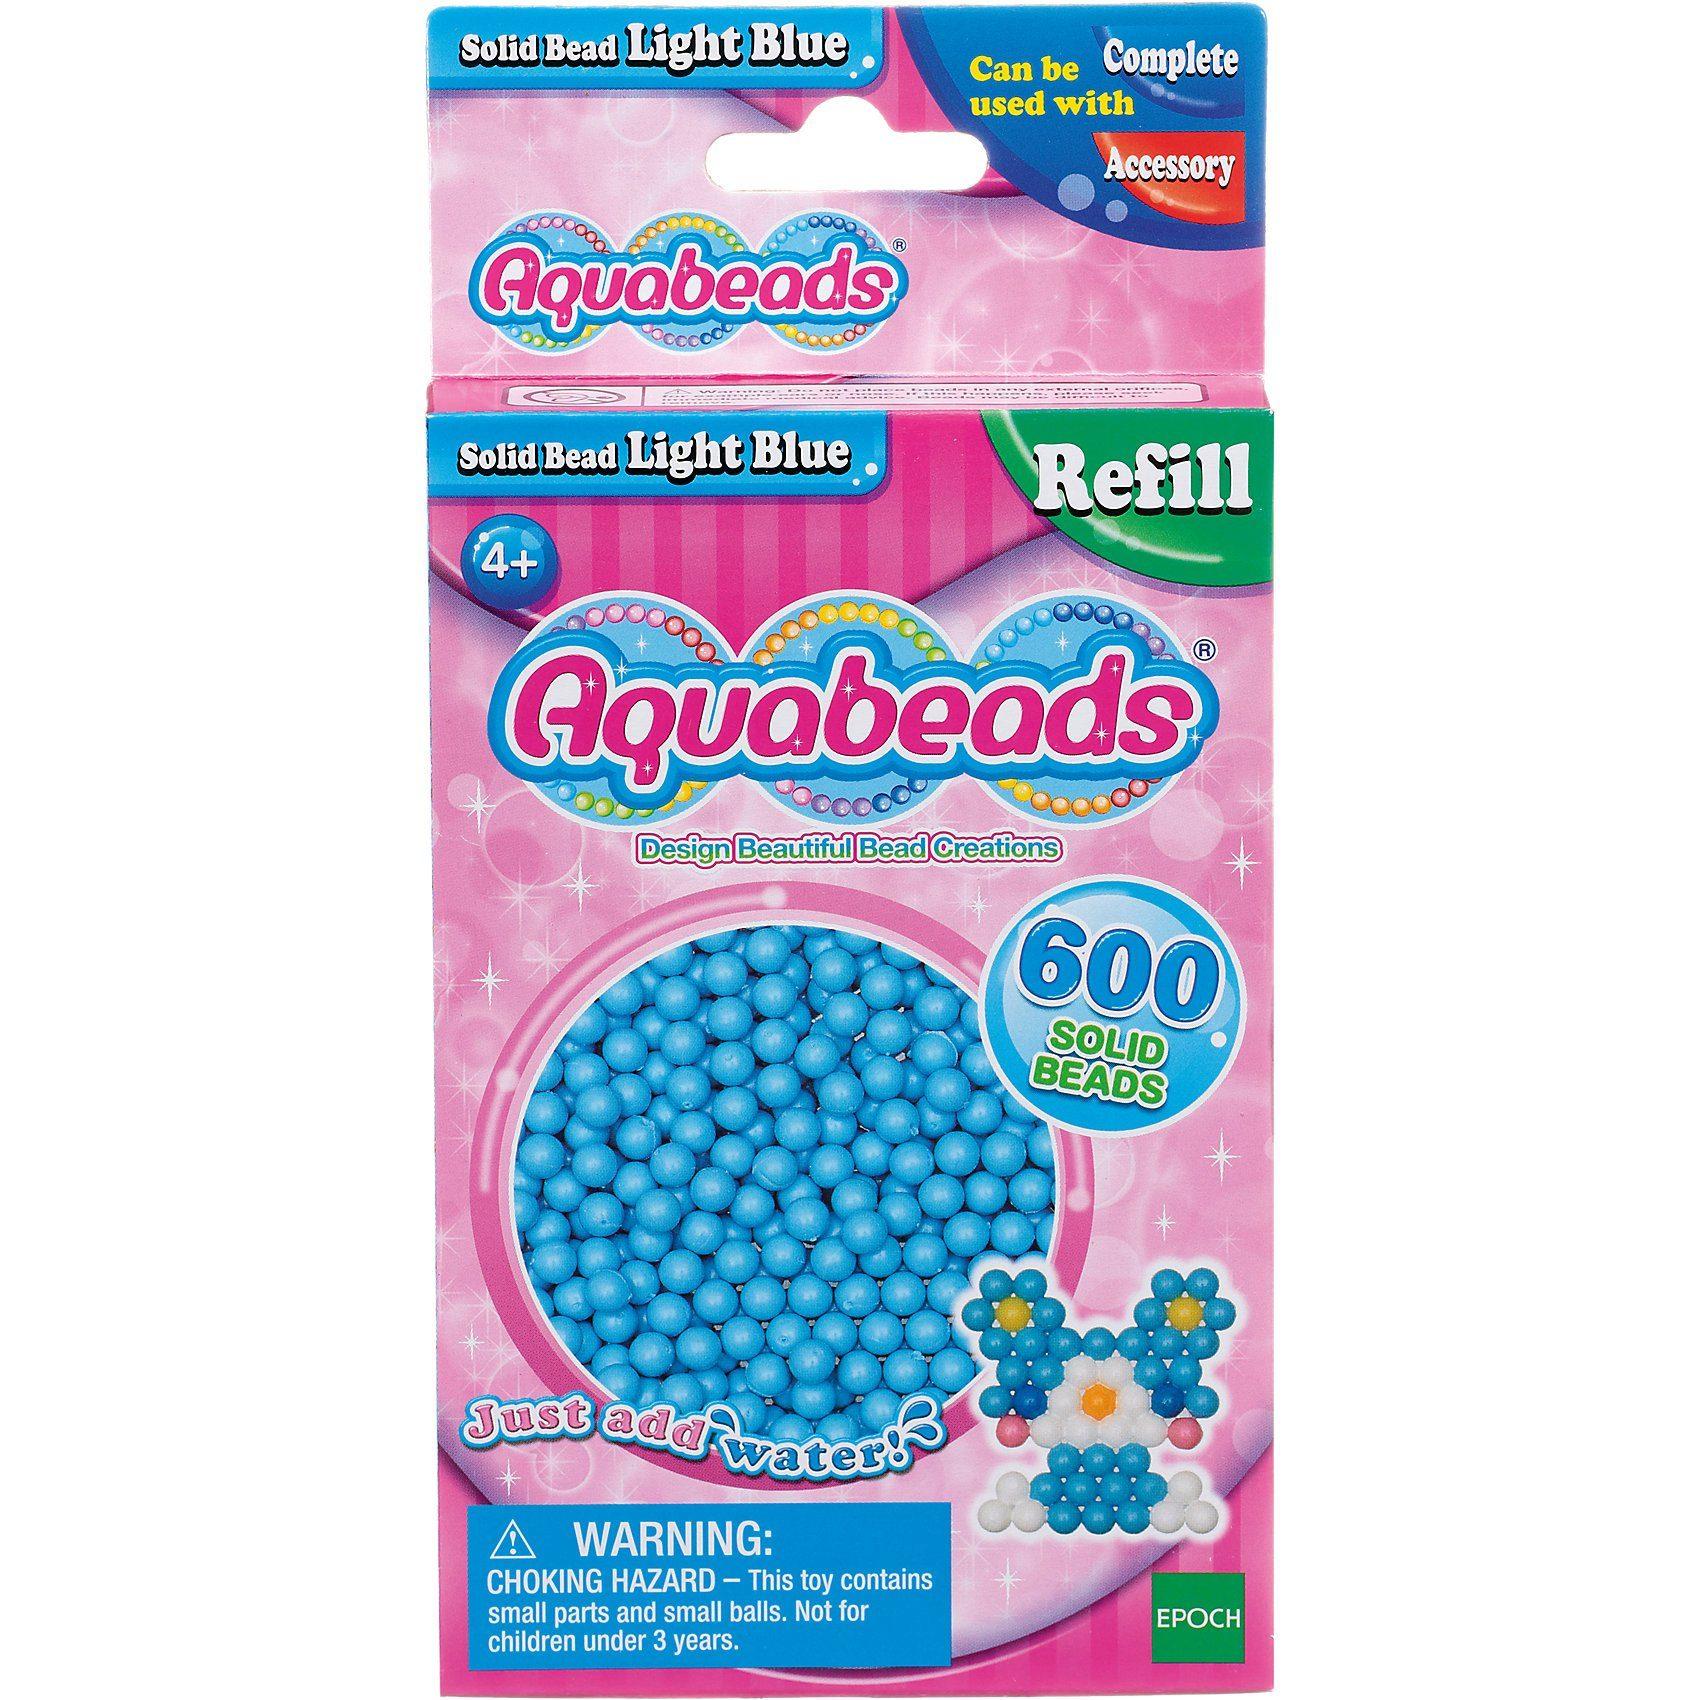 Epoch Traumwiesen Aquabeads Nachfüllpack Hell-Blaue Perlen